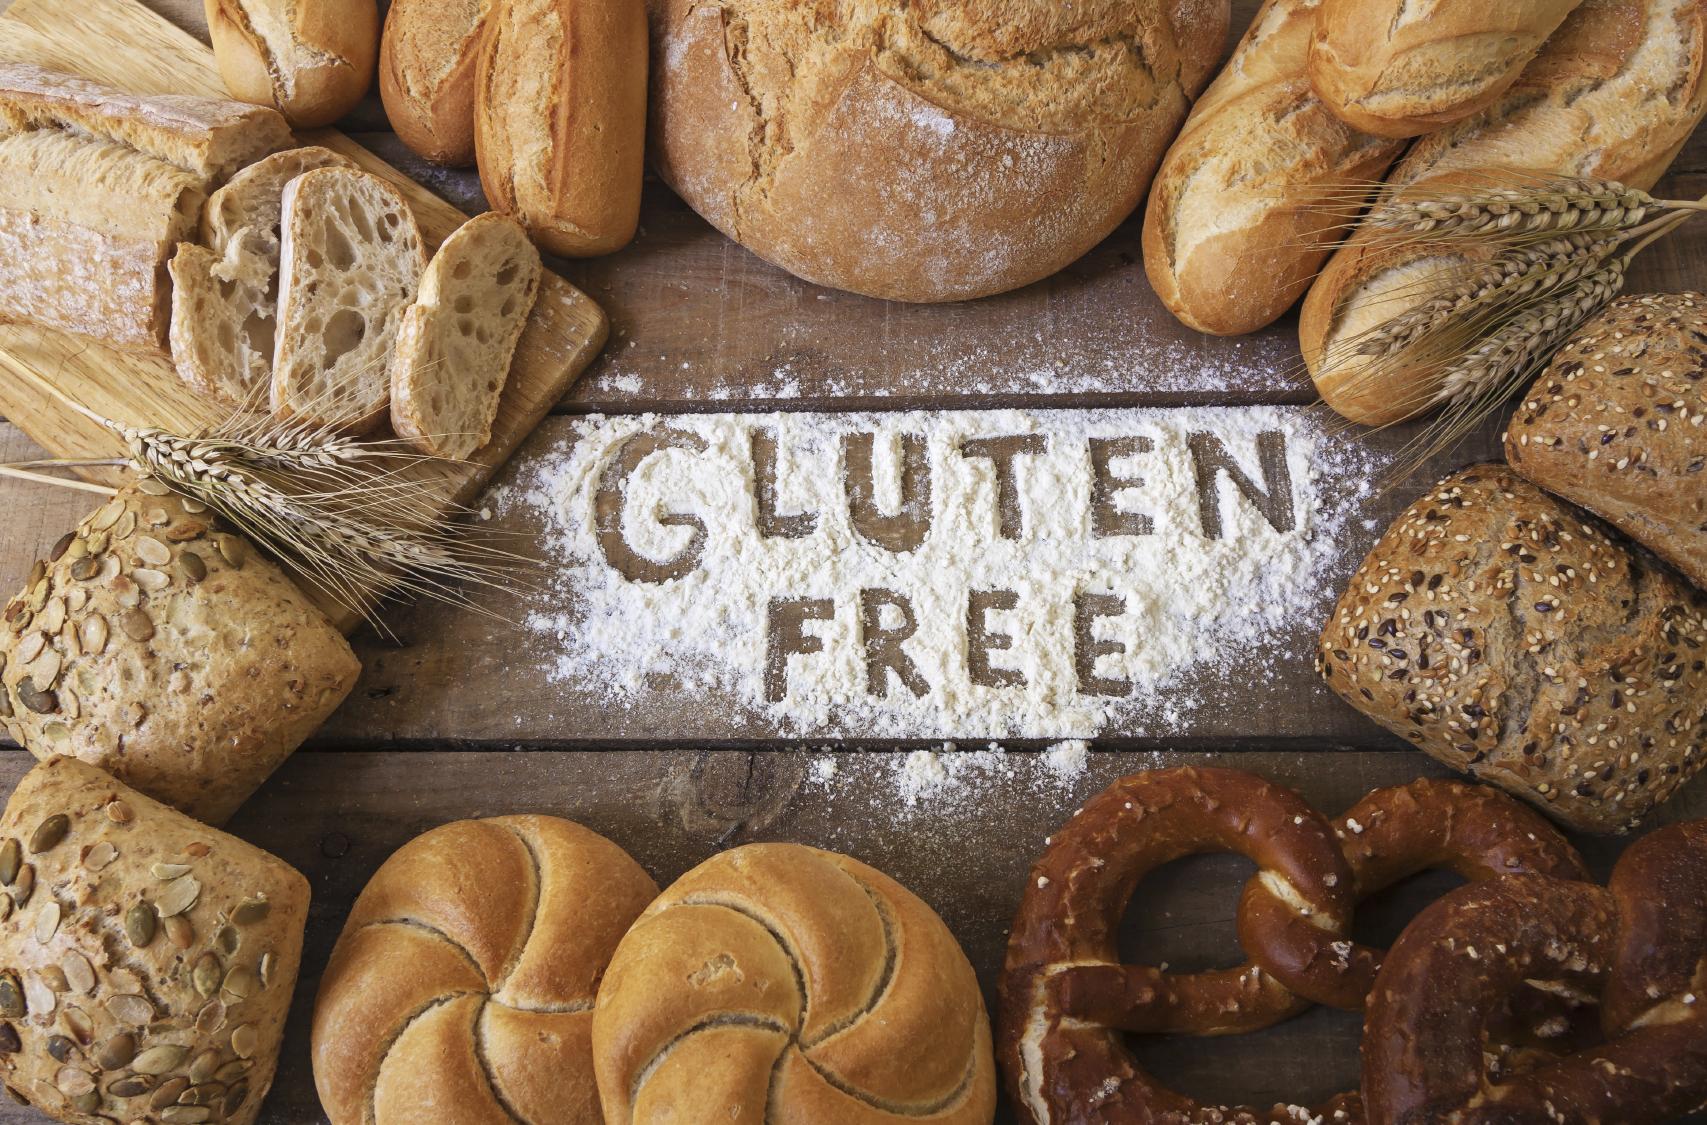 Gluten Free Restaurant Southbury | Gluten Free Restaurants Southbury | Gluten Free Restaurants Orange CT